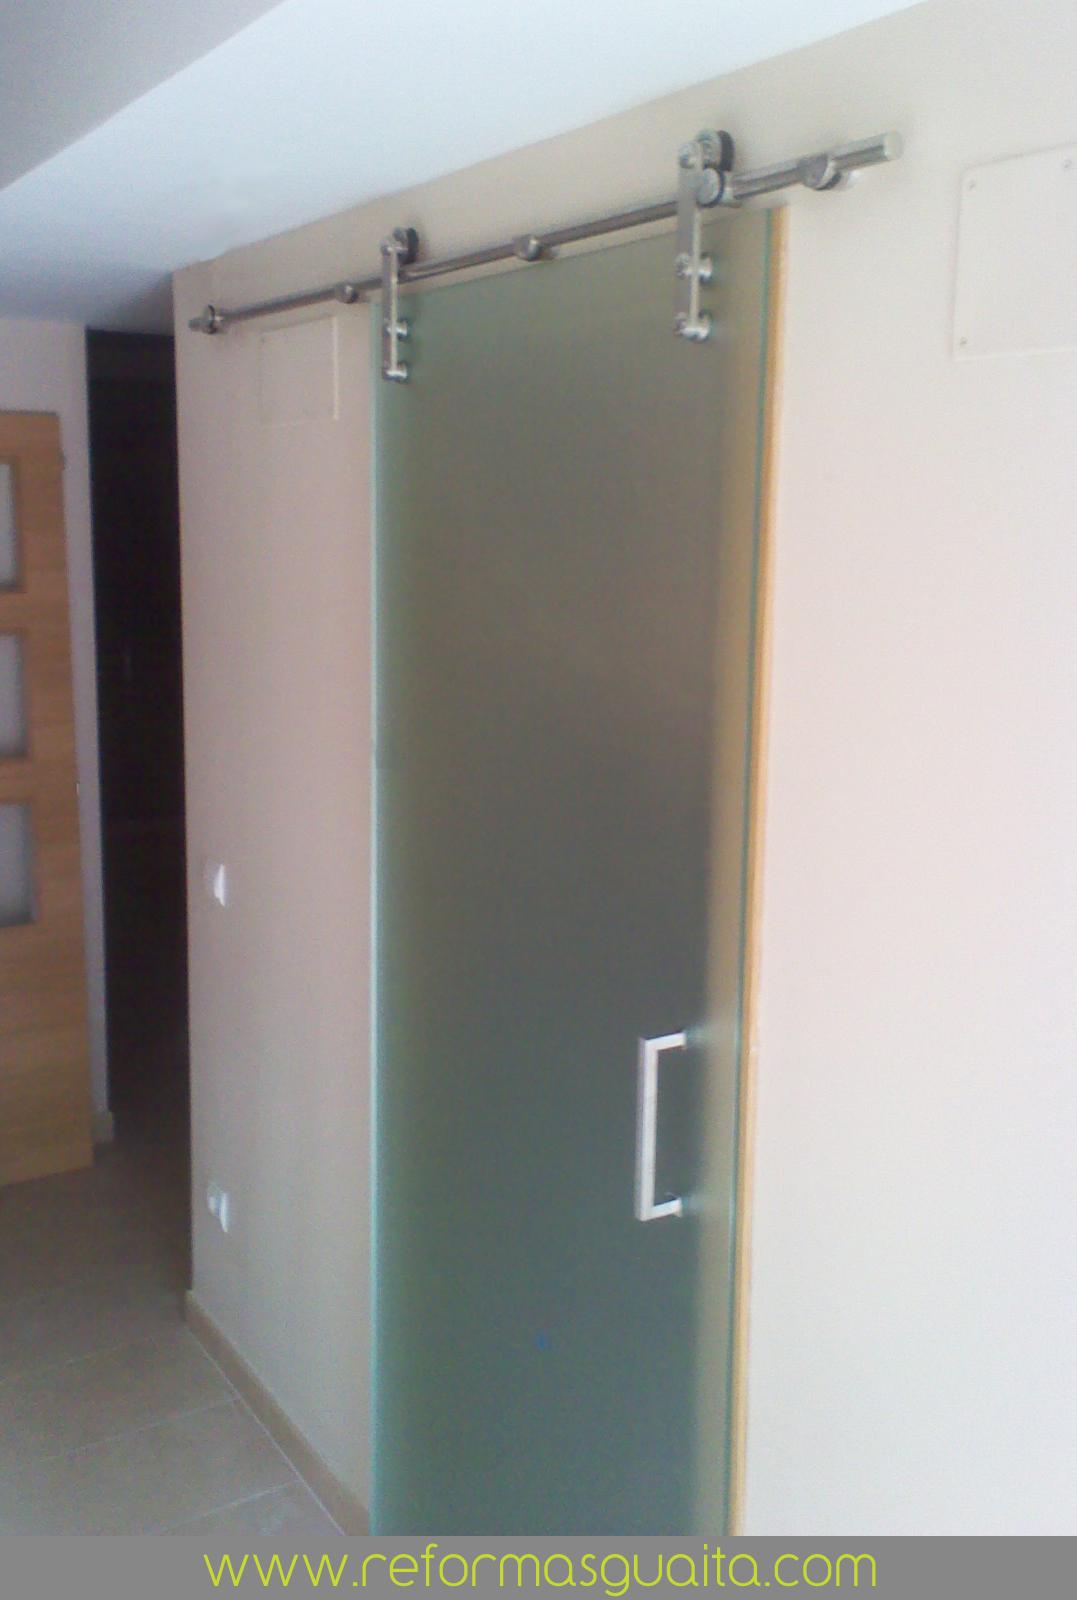 las puertas correderas son una excelente opcin para ahorrar espacio comunicar estancias ocultar pasos adems si son de cristal todo son ventajas